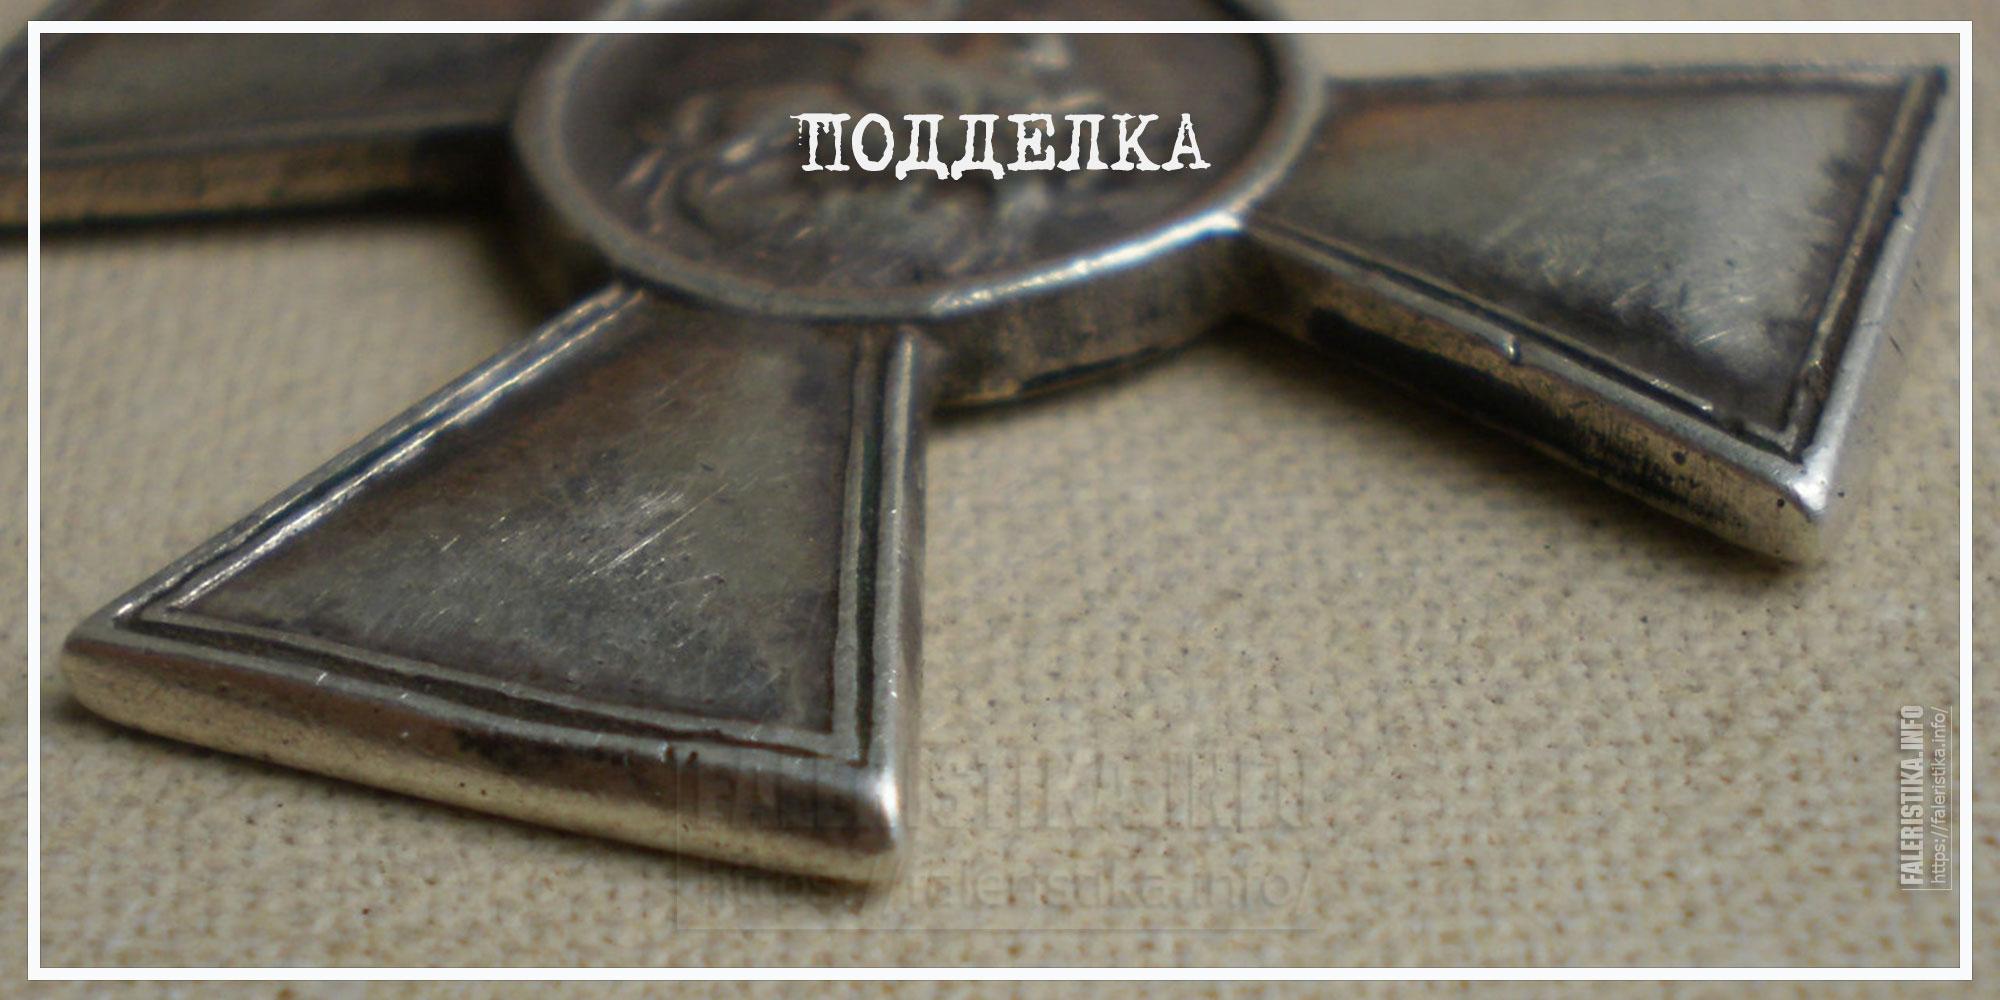 Георгиевский крест 4 ст. №209.724 (подделка)